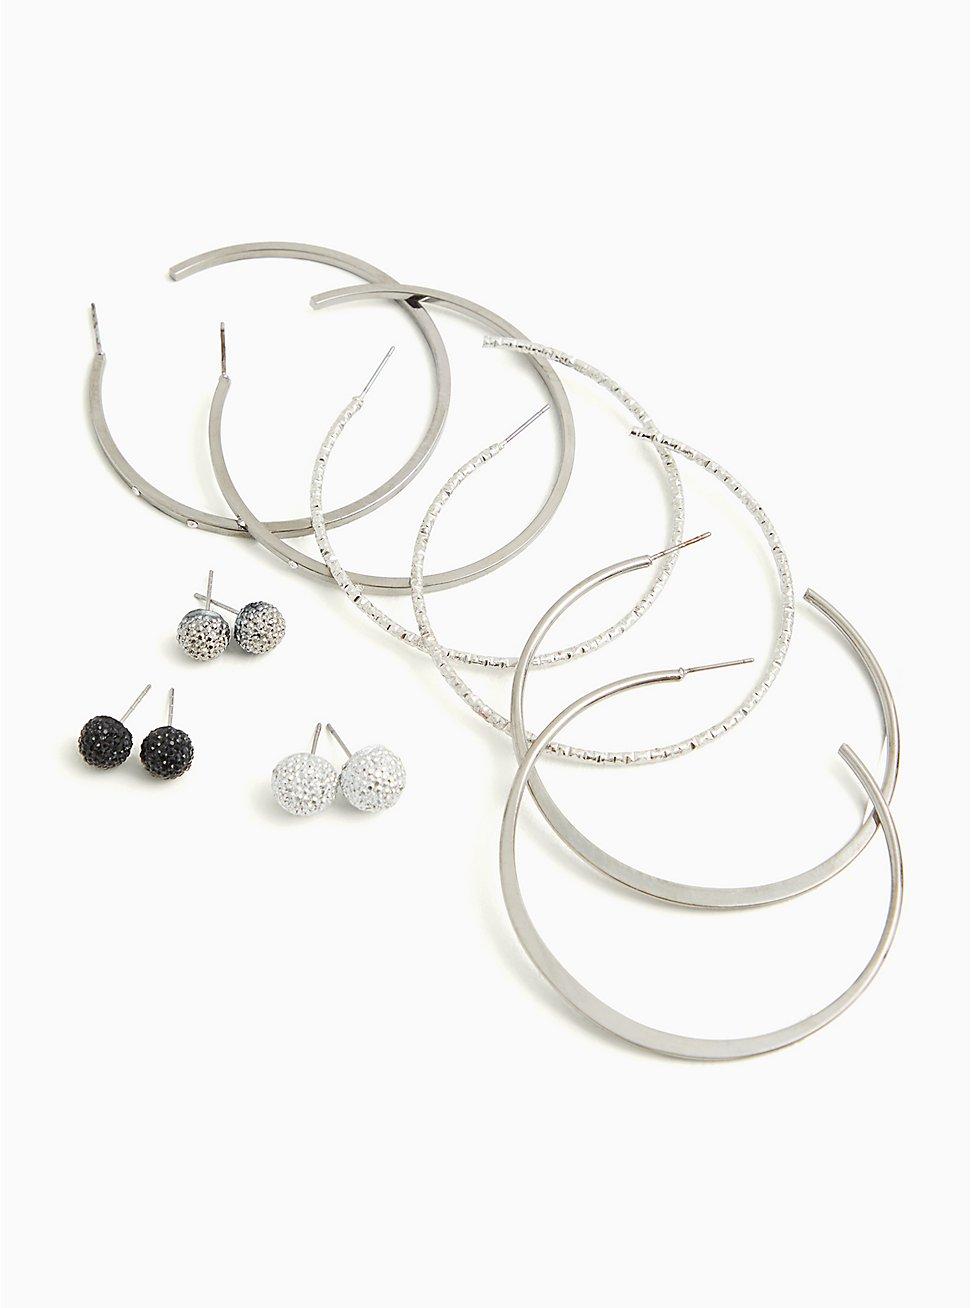 Black & Silver-Tone Embellished Ball Stud & Hoop Earrings Set - Set Of 6, , hi-res